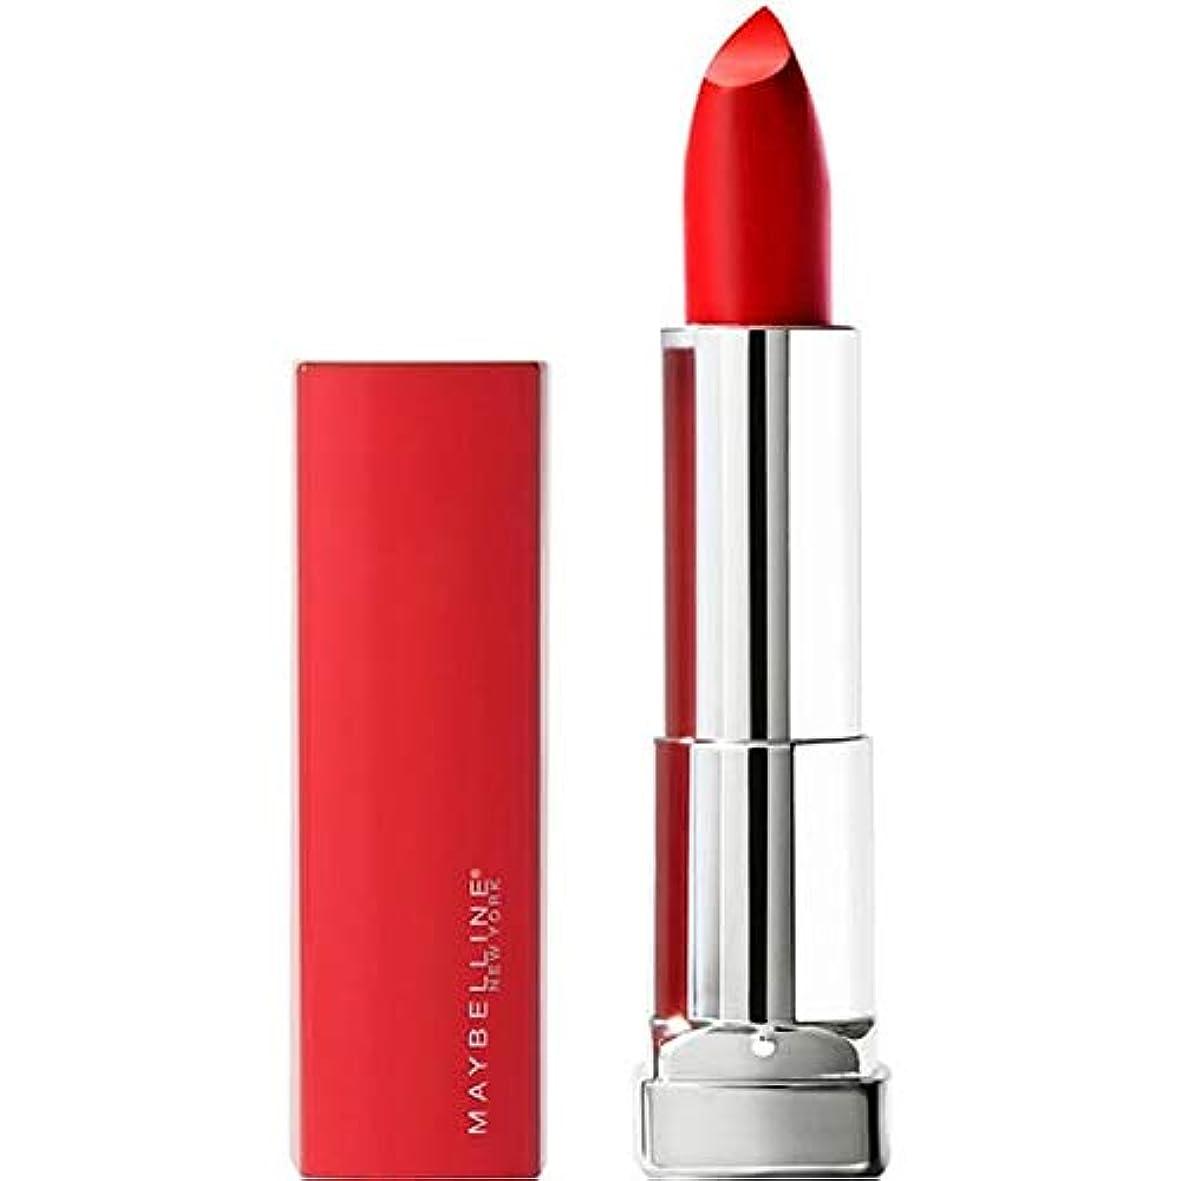 セグメント自己促進する[Maybelline ] メイベリンの色はセンセーショナルな私のためにすべての382の赤のために作られました - Maybelline Color Sensational Made For All 382 Red For...